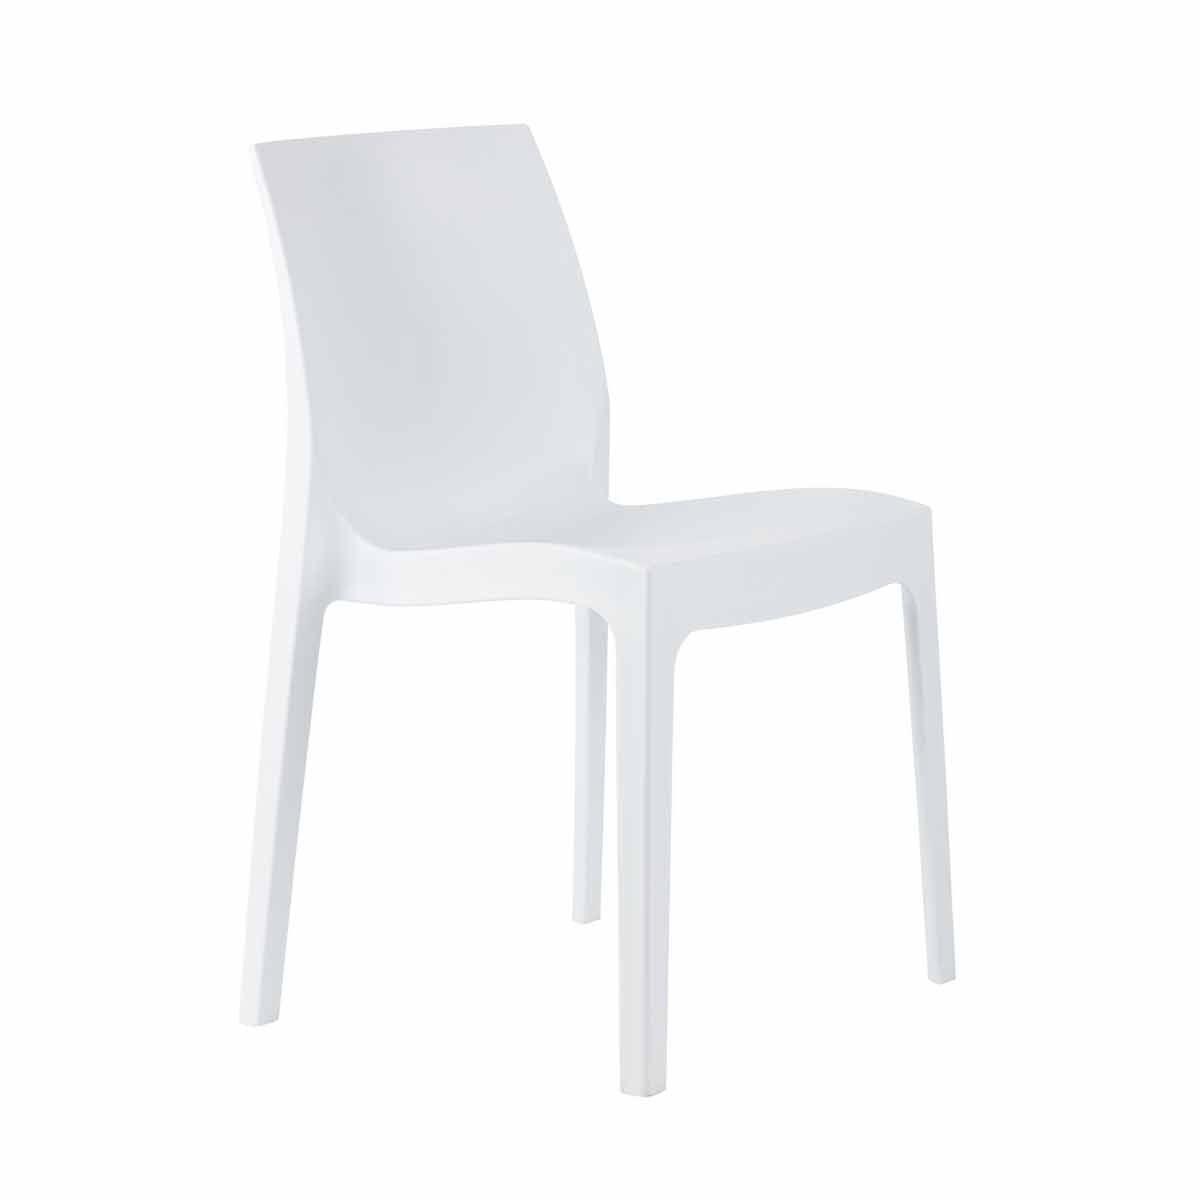 Tabilo Strata Polypropylene Stacking Chair White